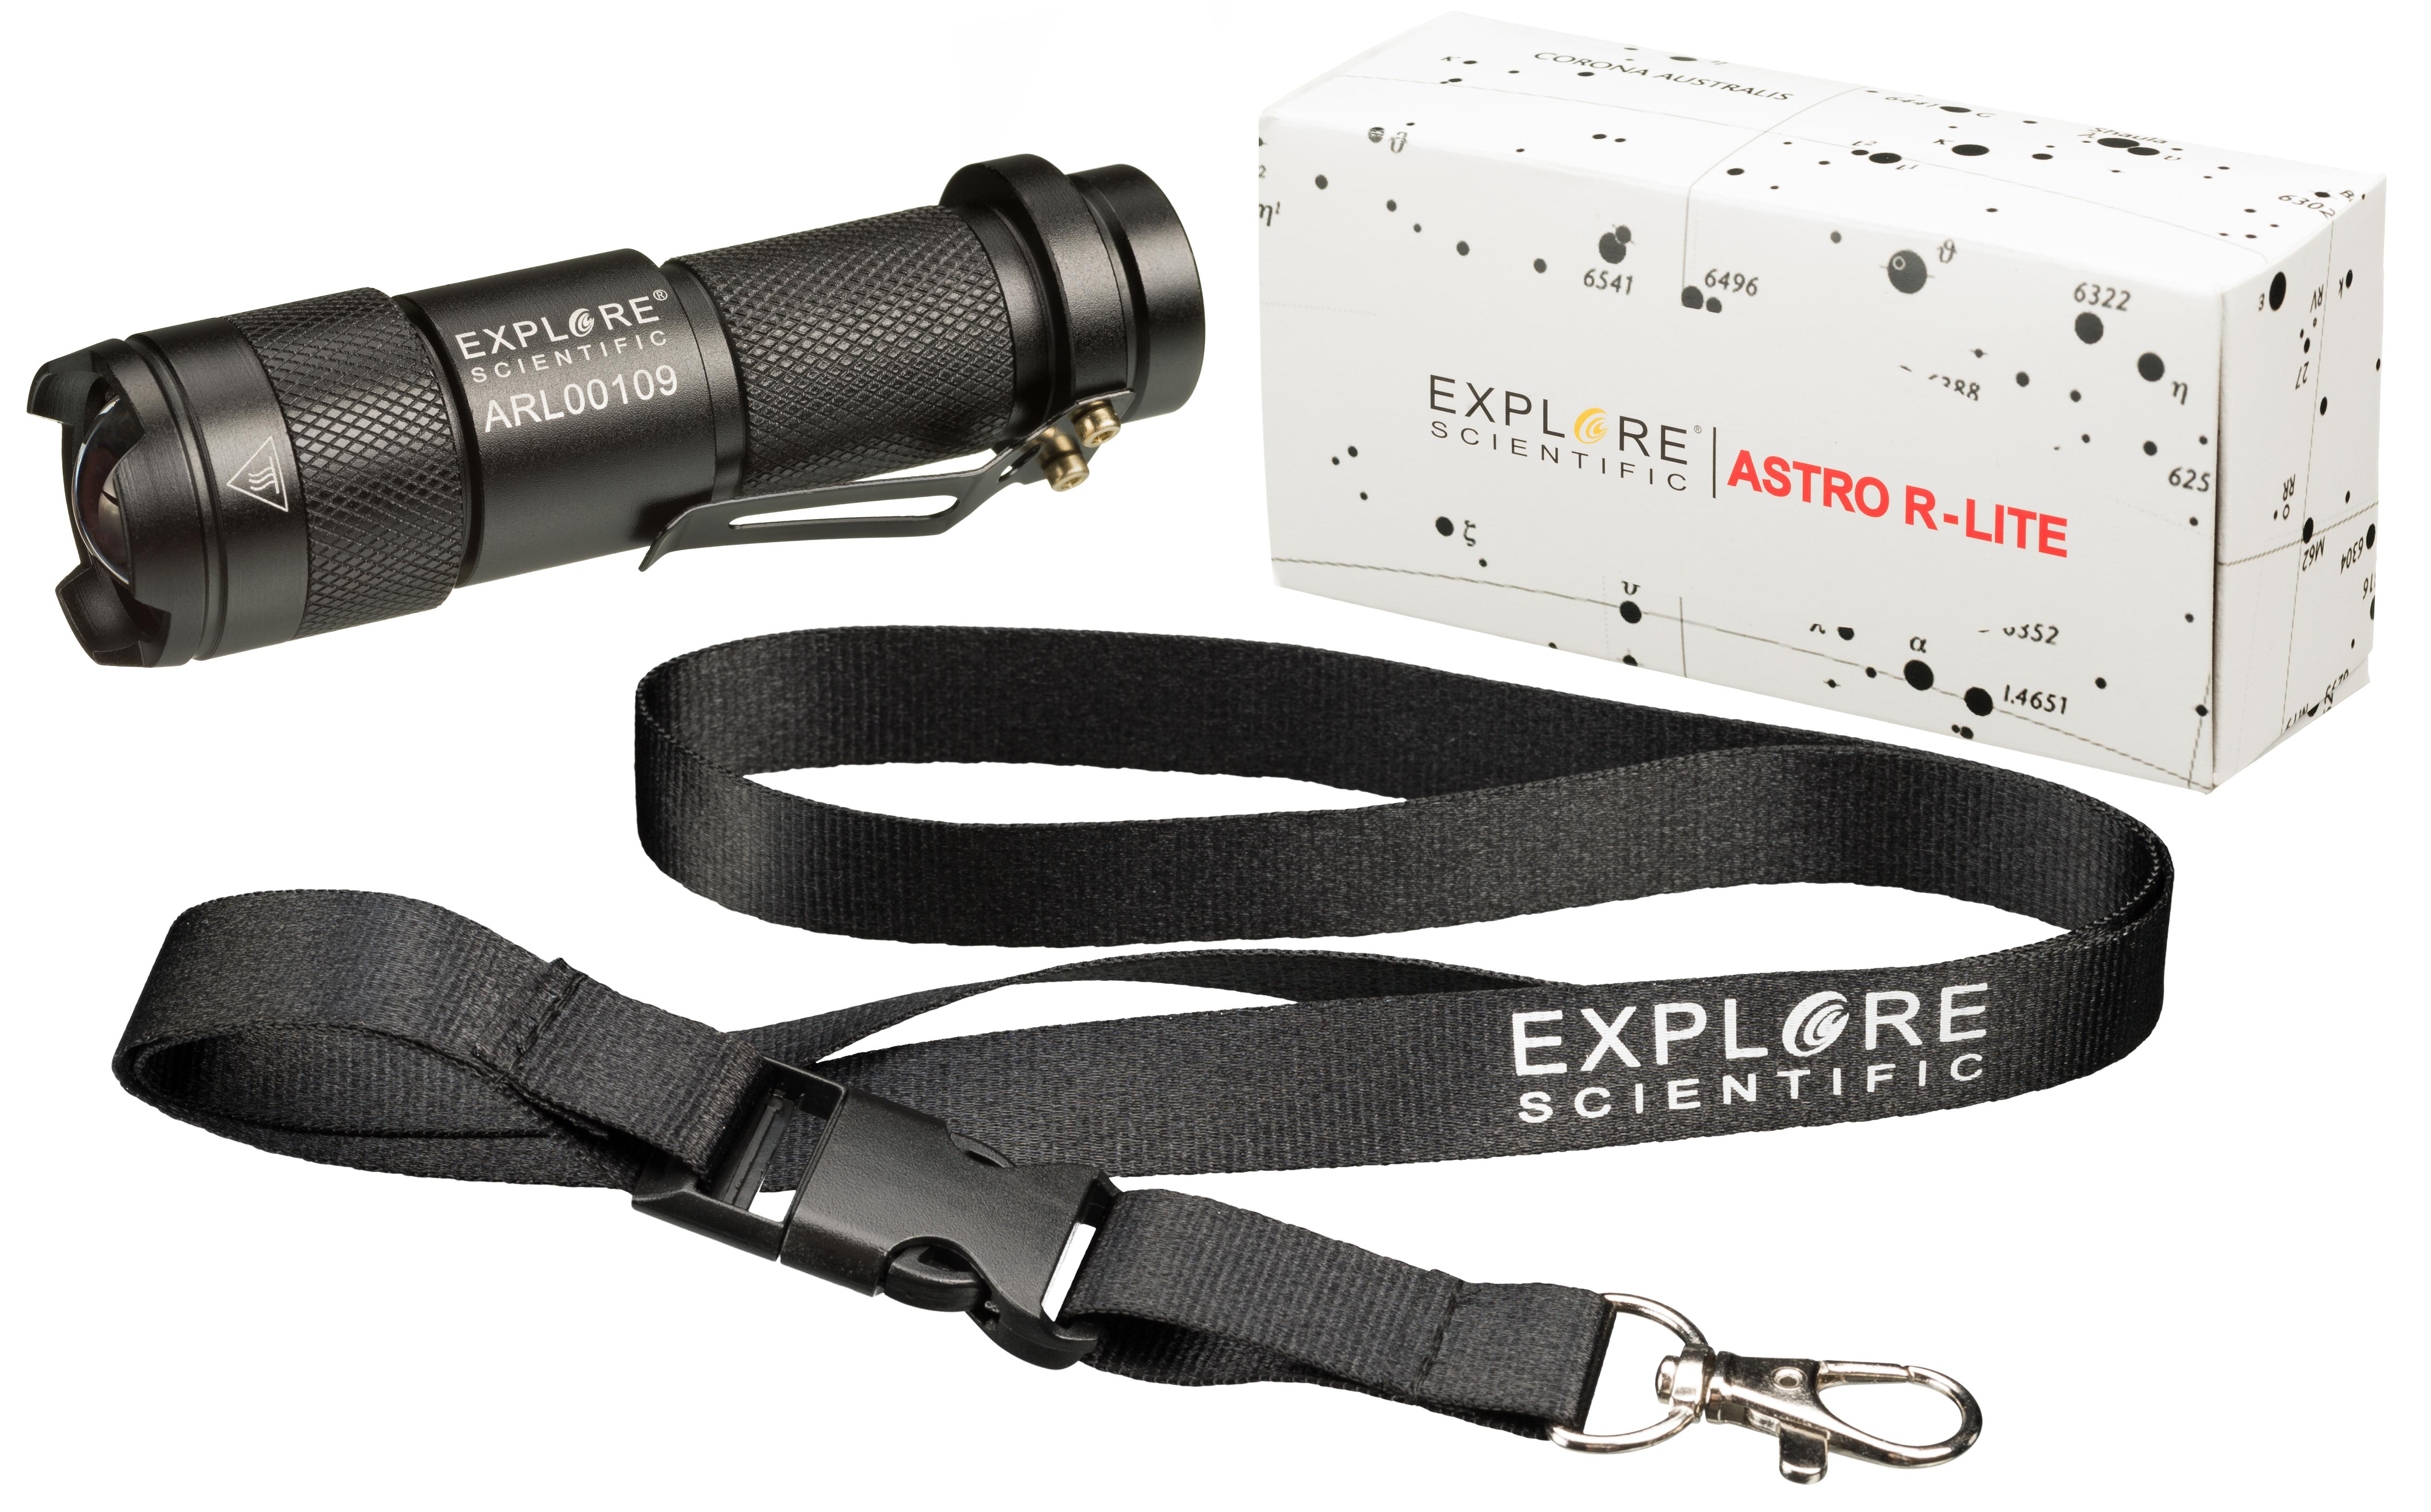 Explore scientific astro r lite rotlicht taschenlampe bresser